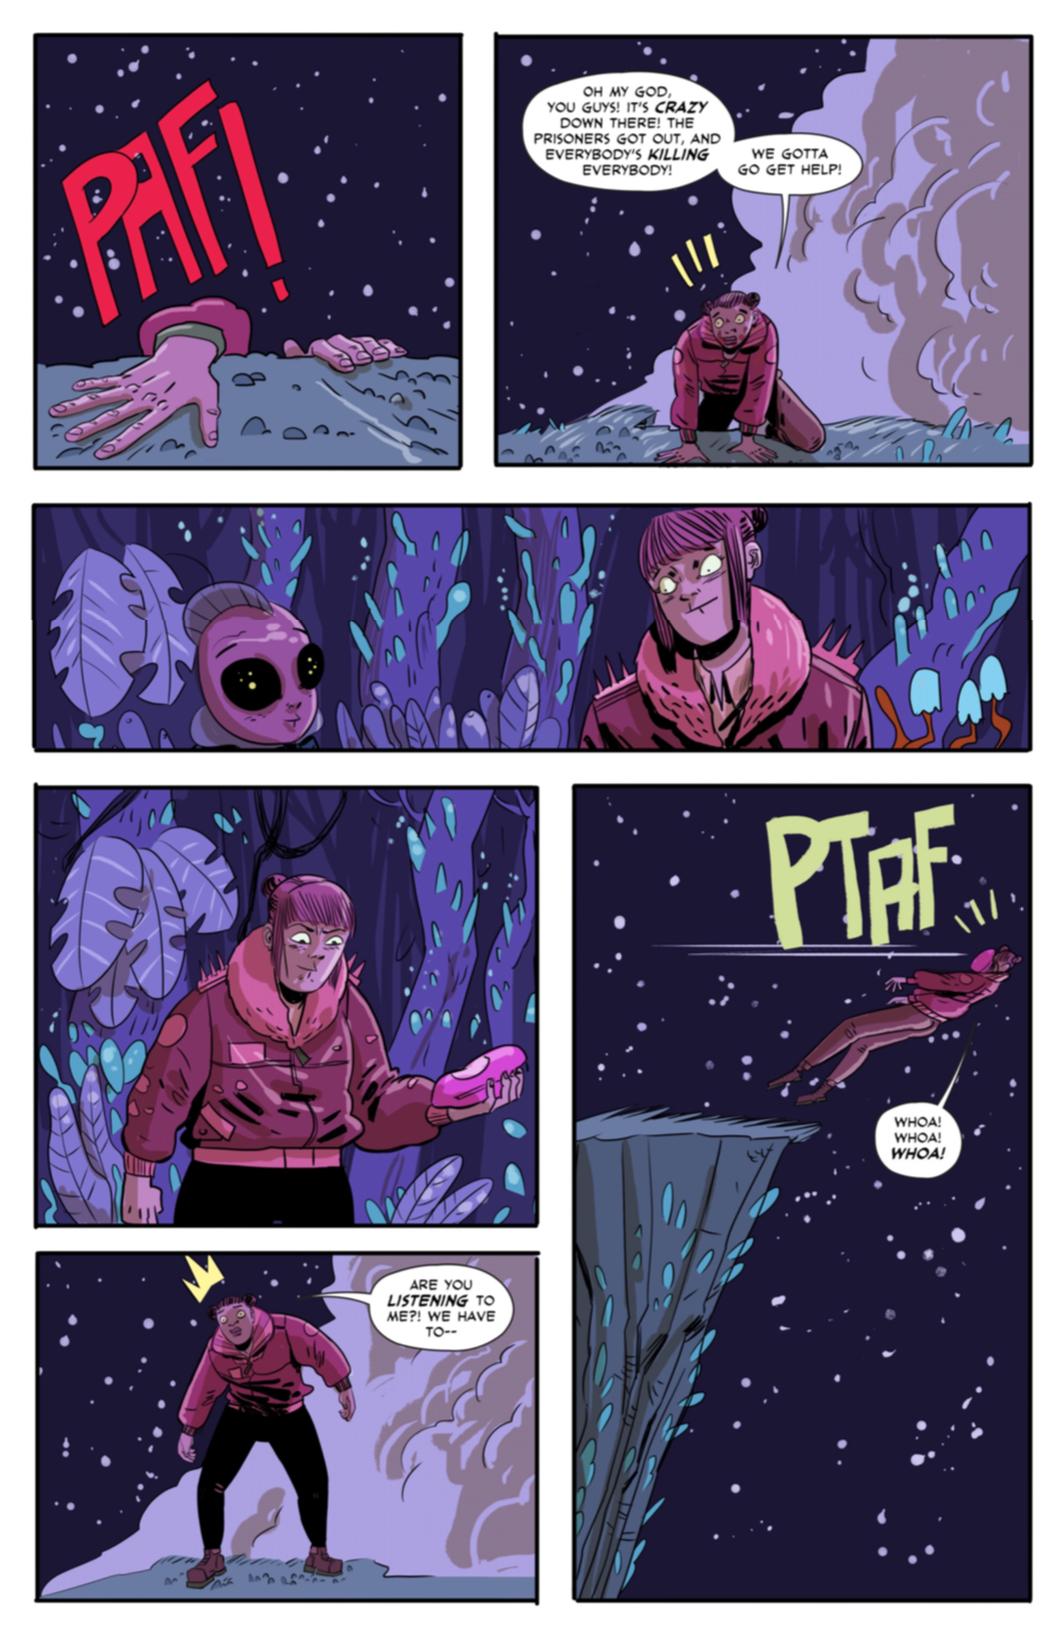 Page twelve, Caffeinated murder